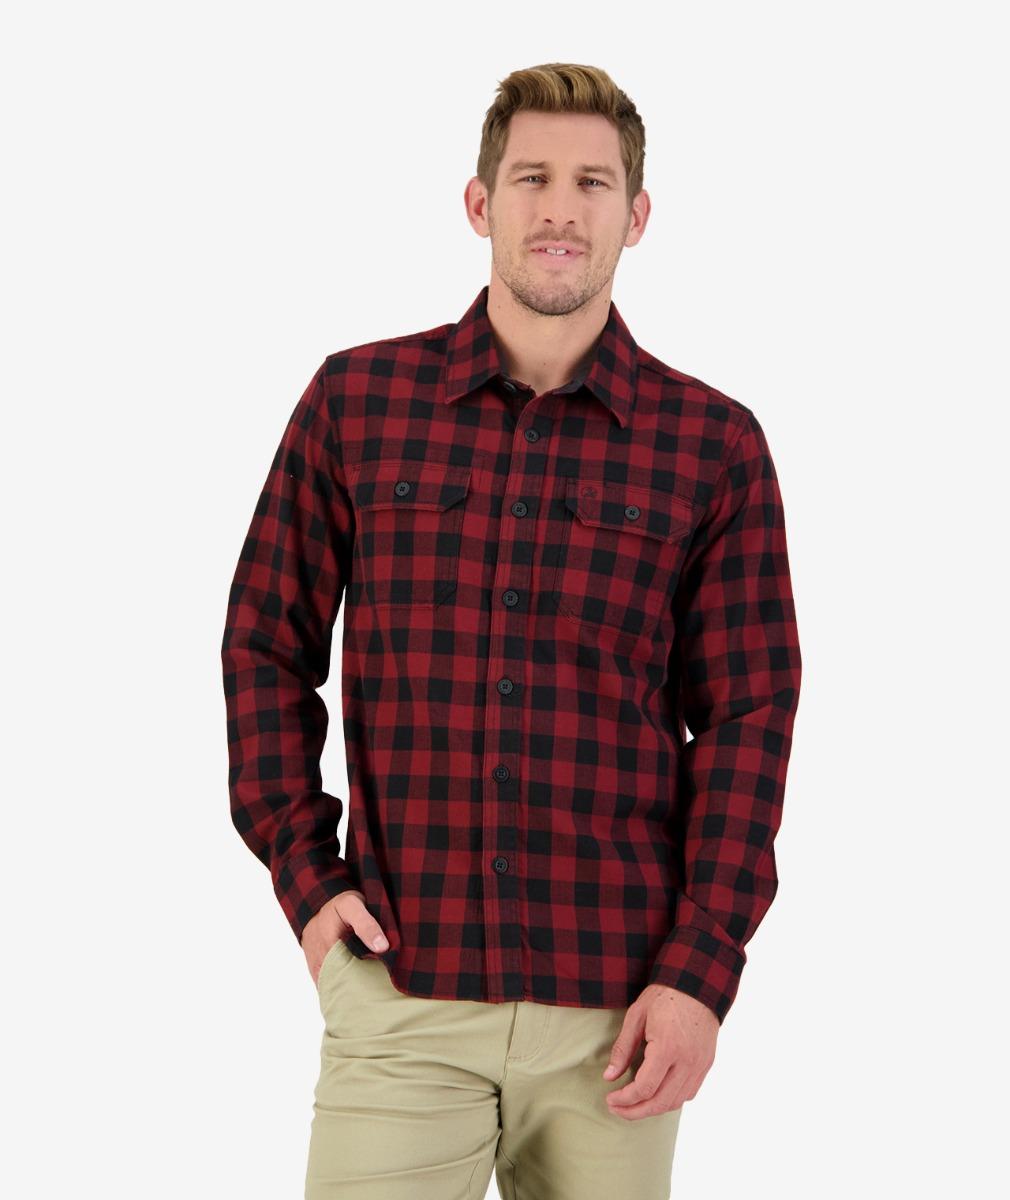 Okato v2 L/S Work Shirt in Rust/Black